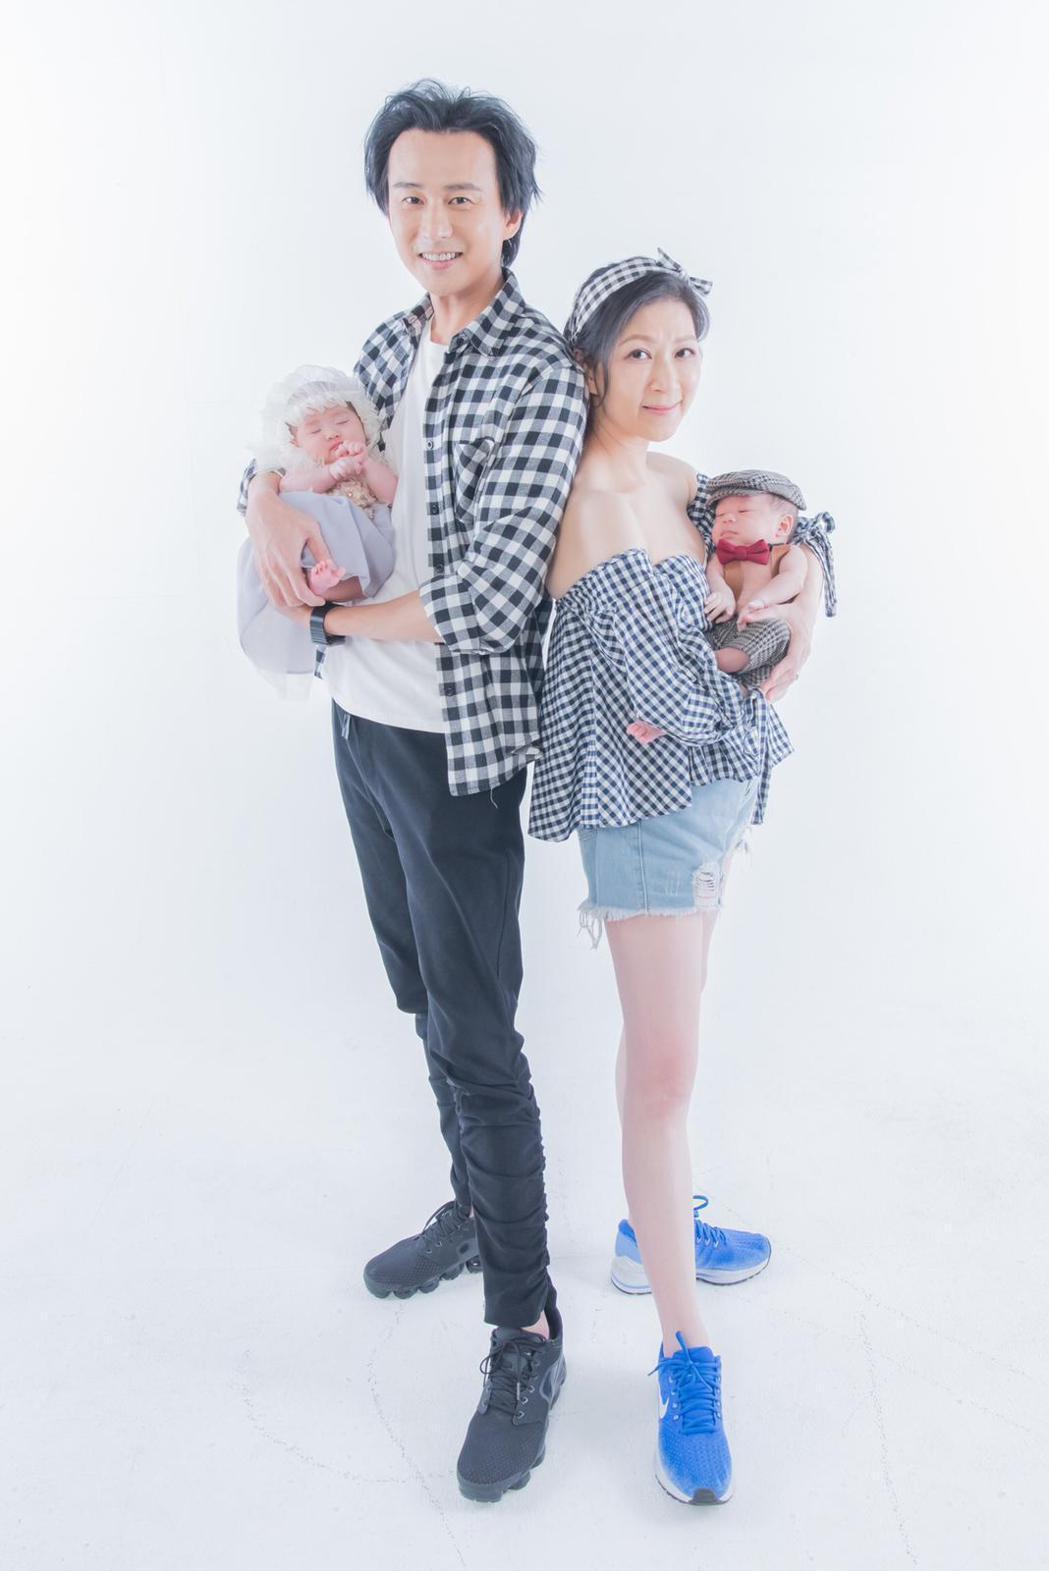 顏嘉樂、狄志杰夫妻抱著殷殷期盼來的龍鳳胎,心滿意足。圖/班尼頓兒童攝影提供